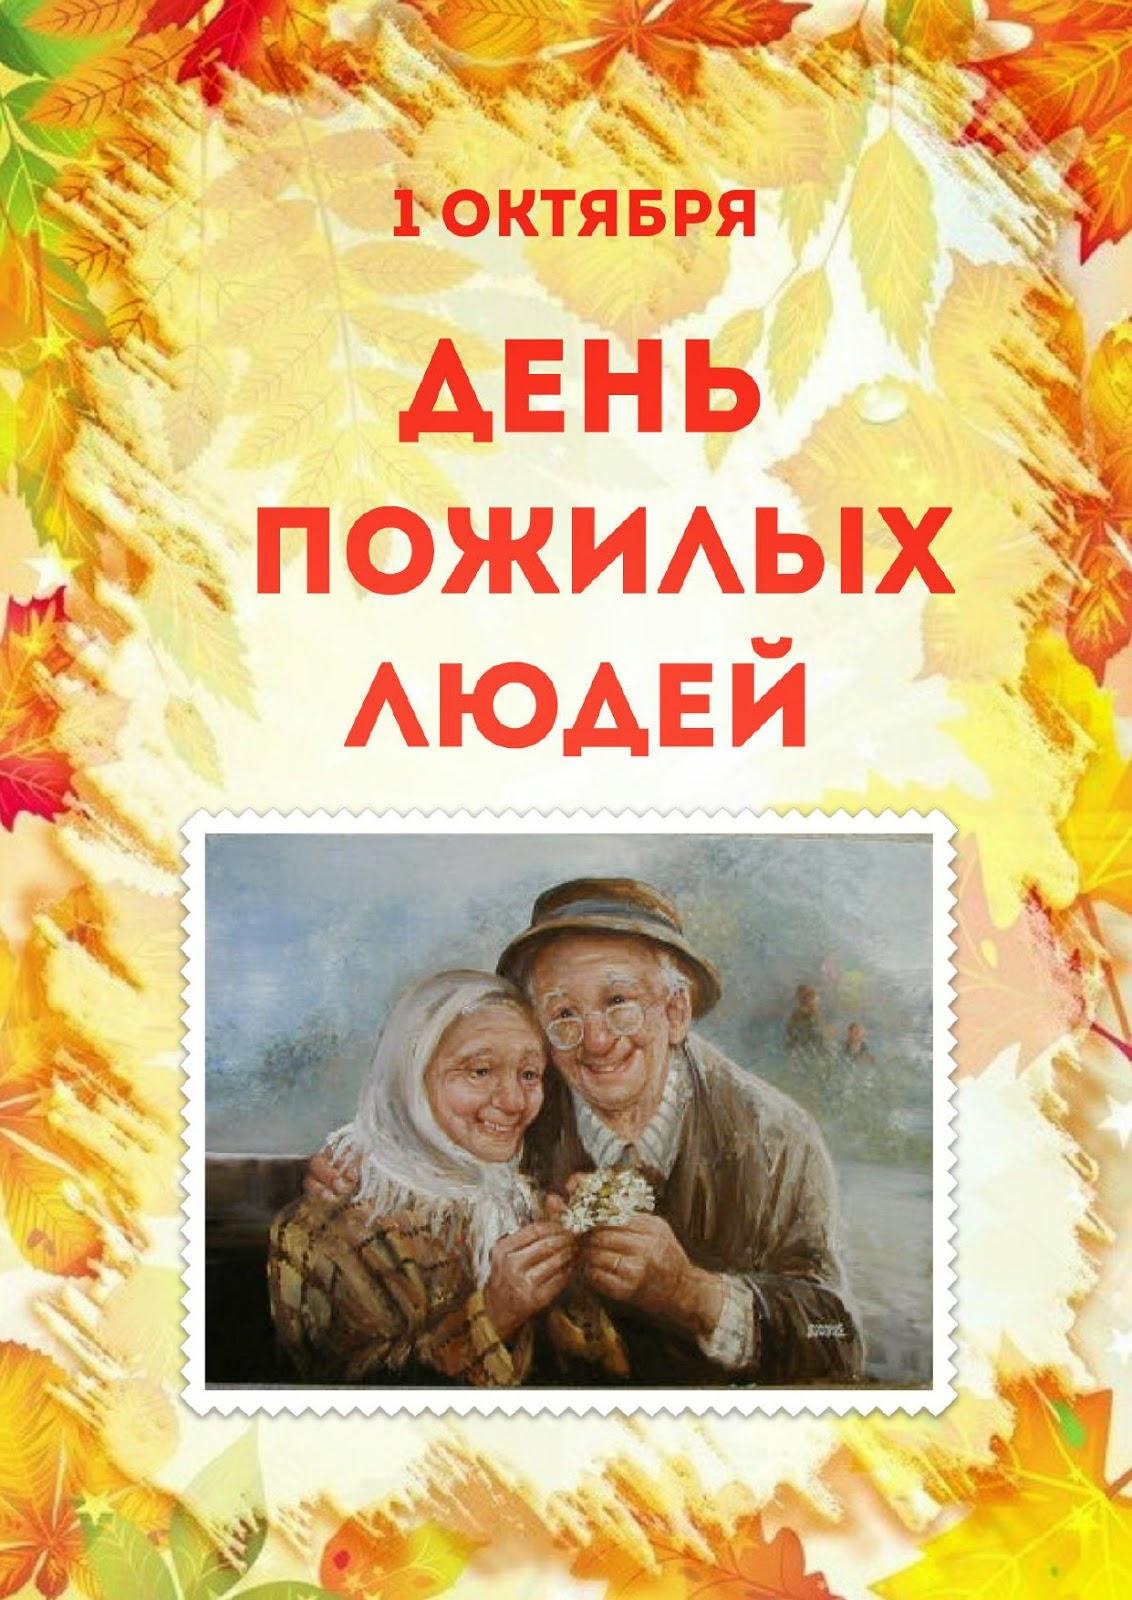 Открытка. 1 октября. С Днем пожилых людей! Букетик